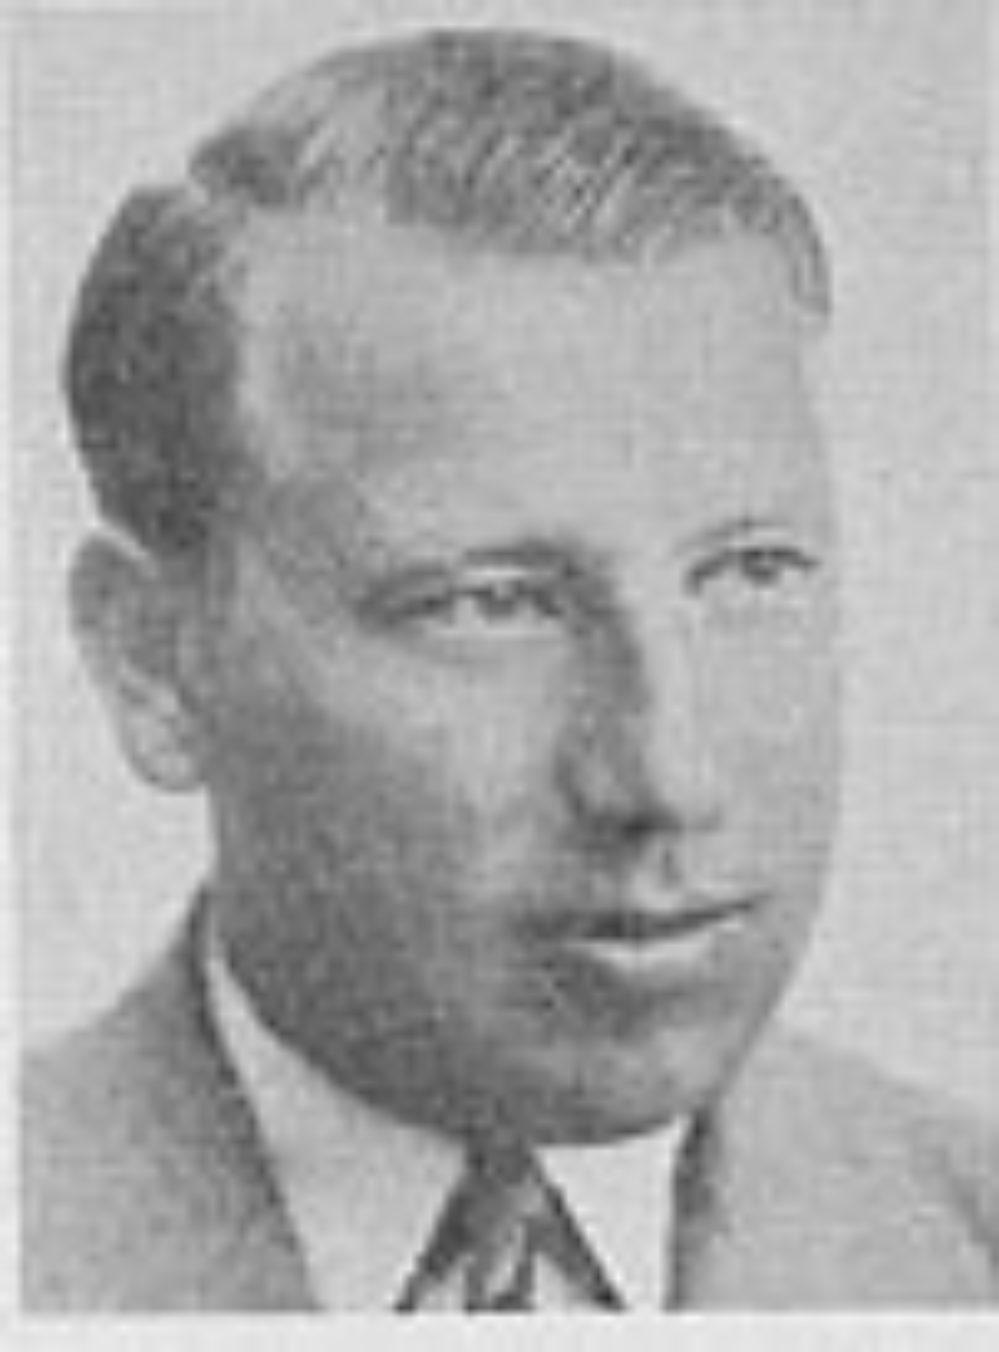 Anker Emanuel Edlund